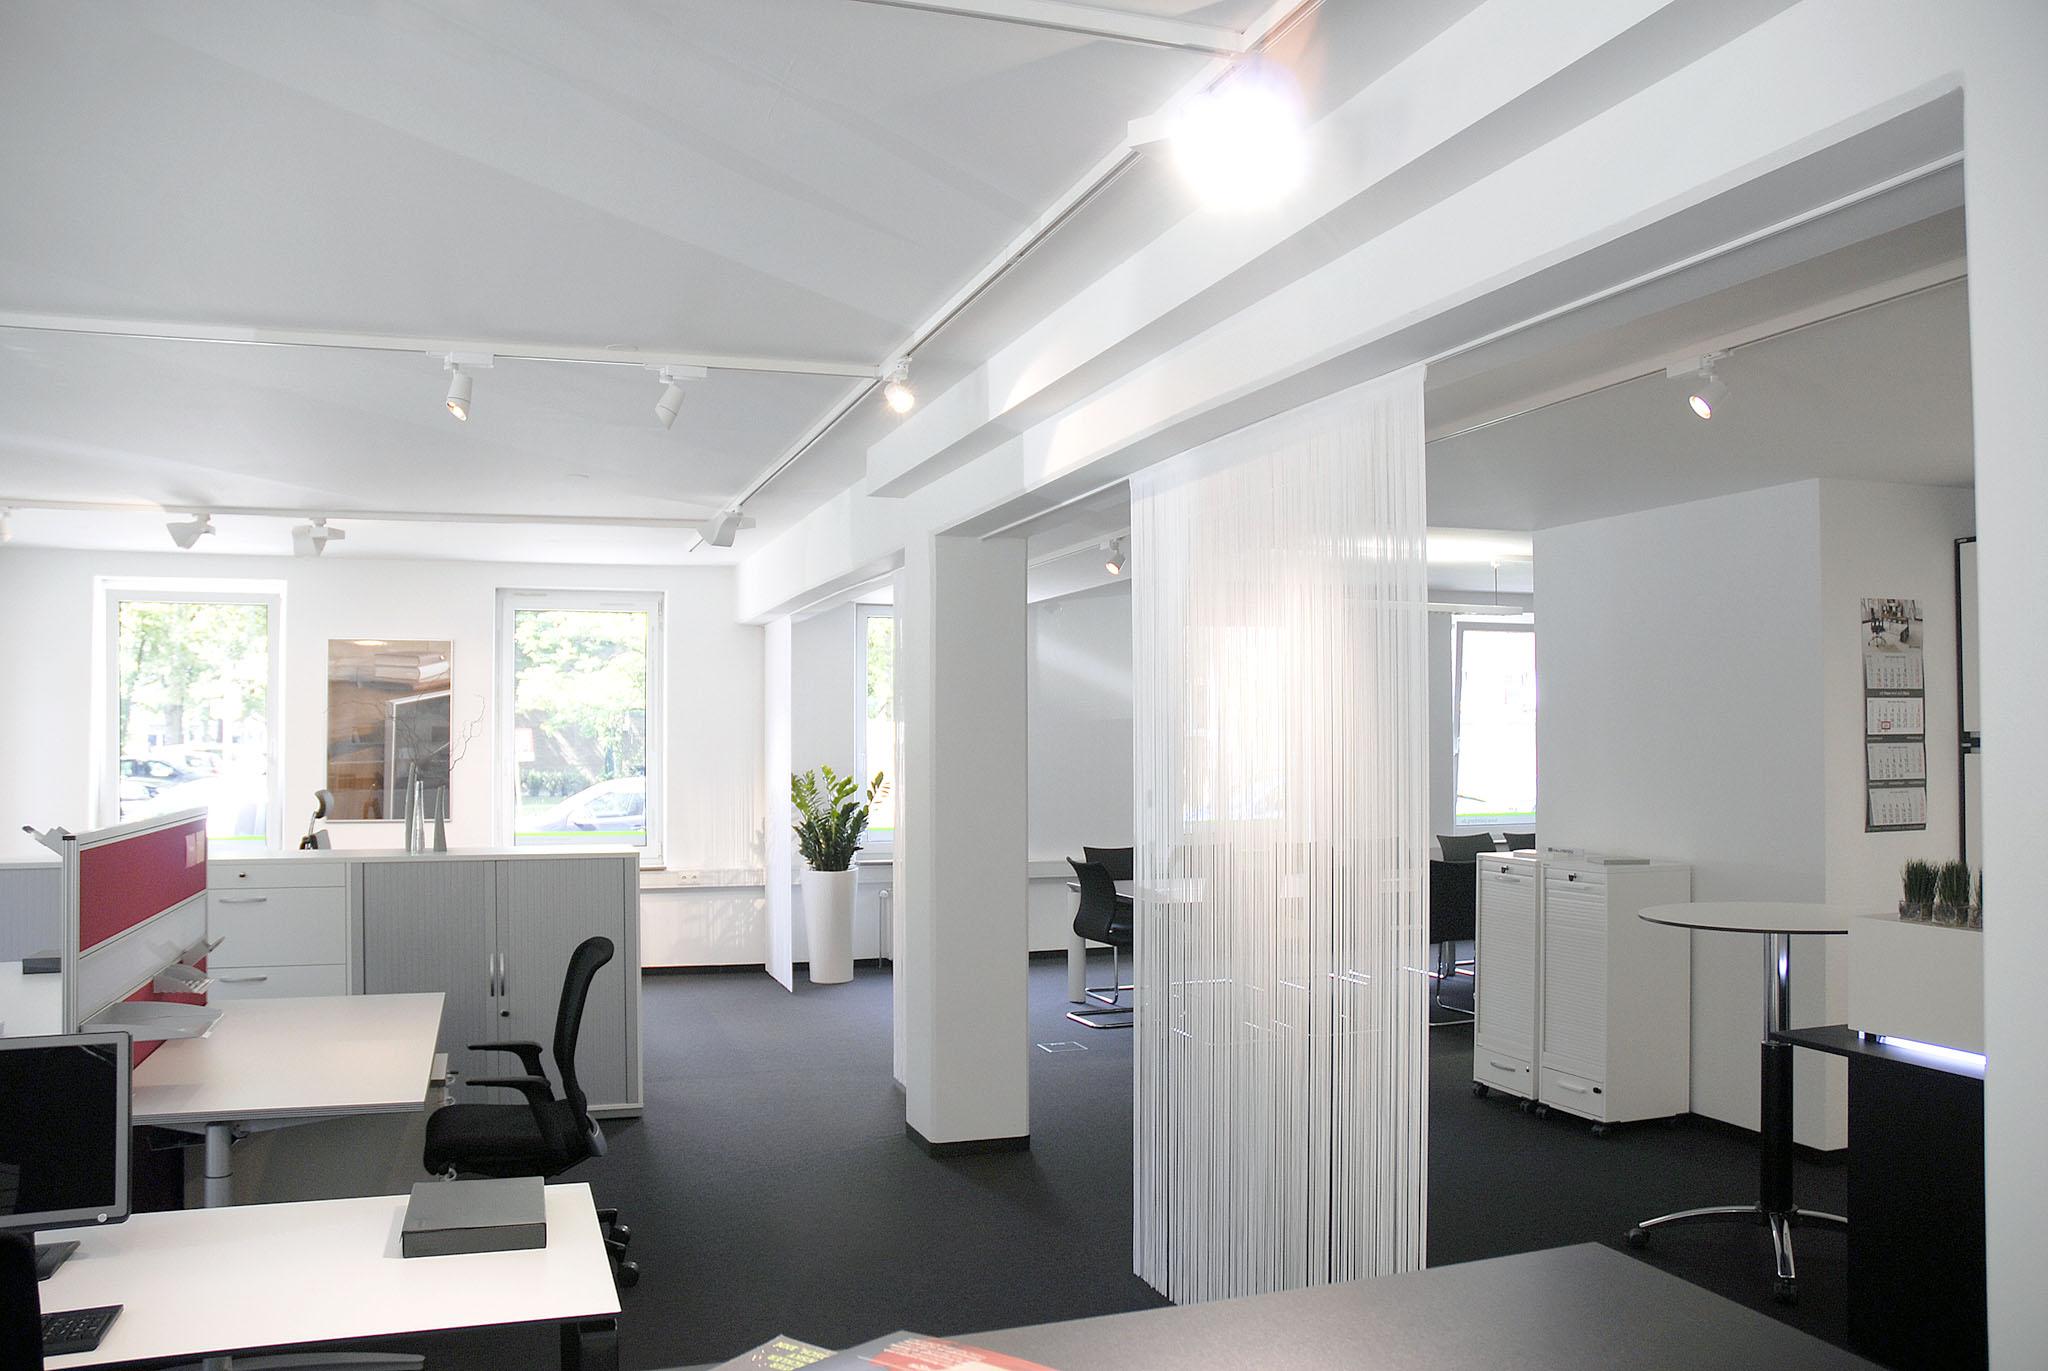 Ausstellung - Büromöbel Schandert Berlin: